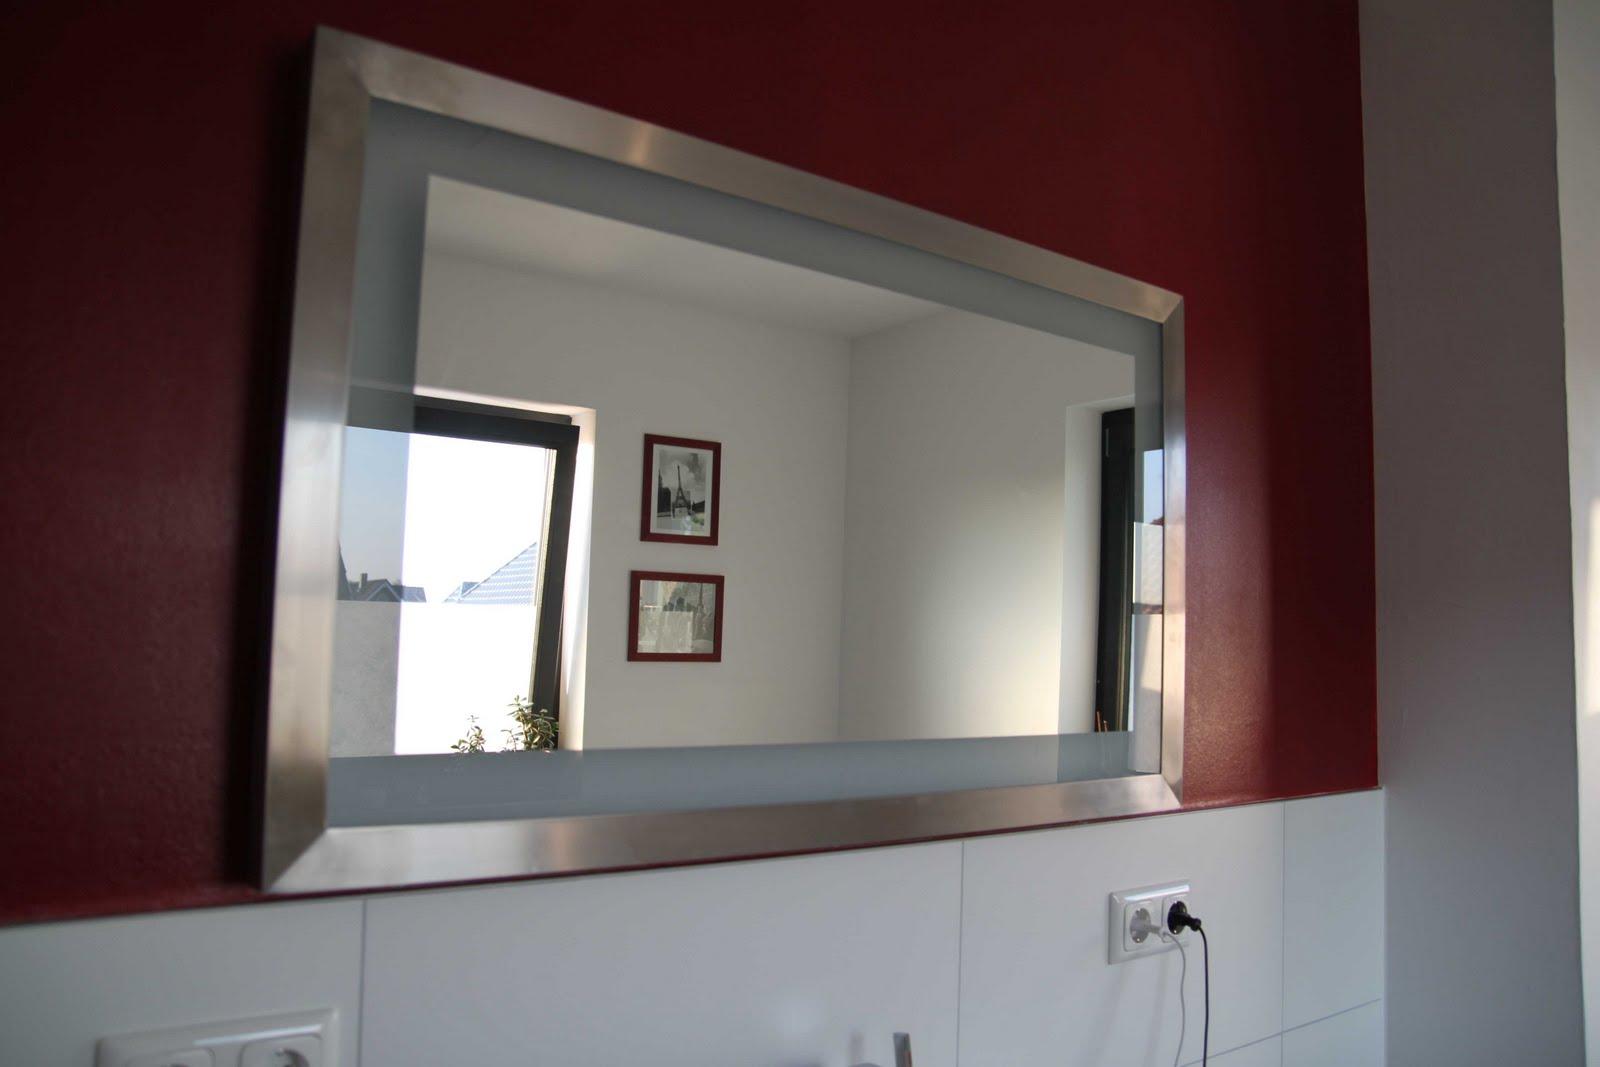 bauen ja nein ja nein ja mai 2011. Black Bedroom Furniture Sets. Home Design Ideas